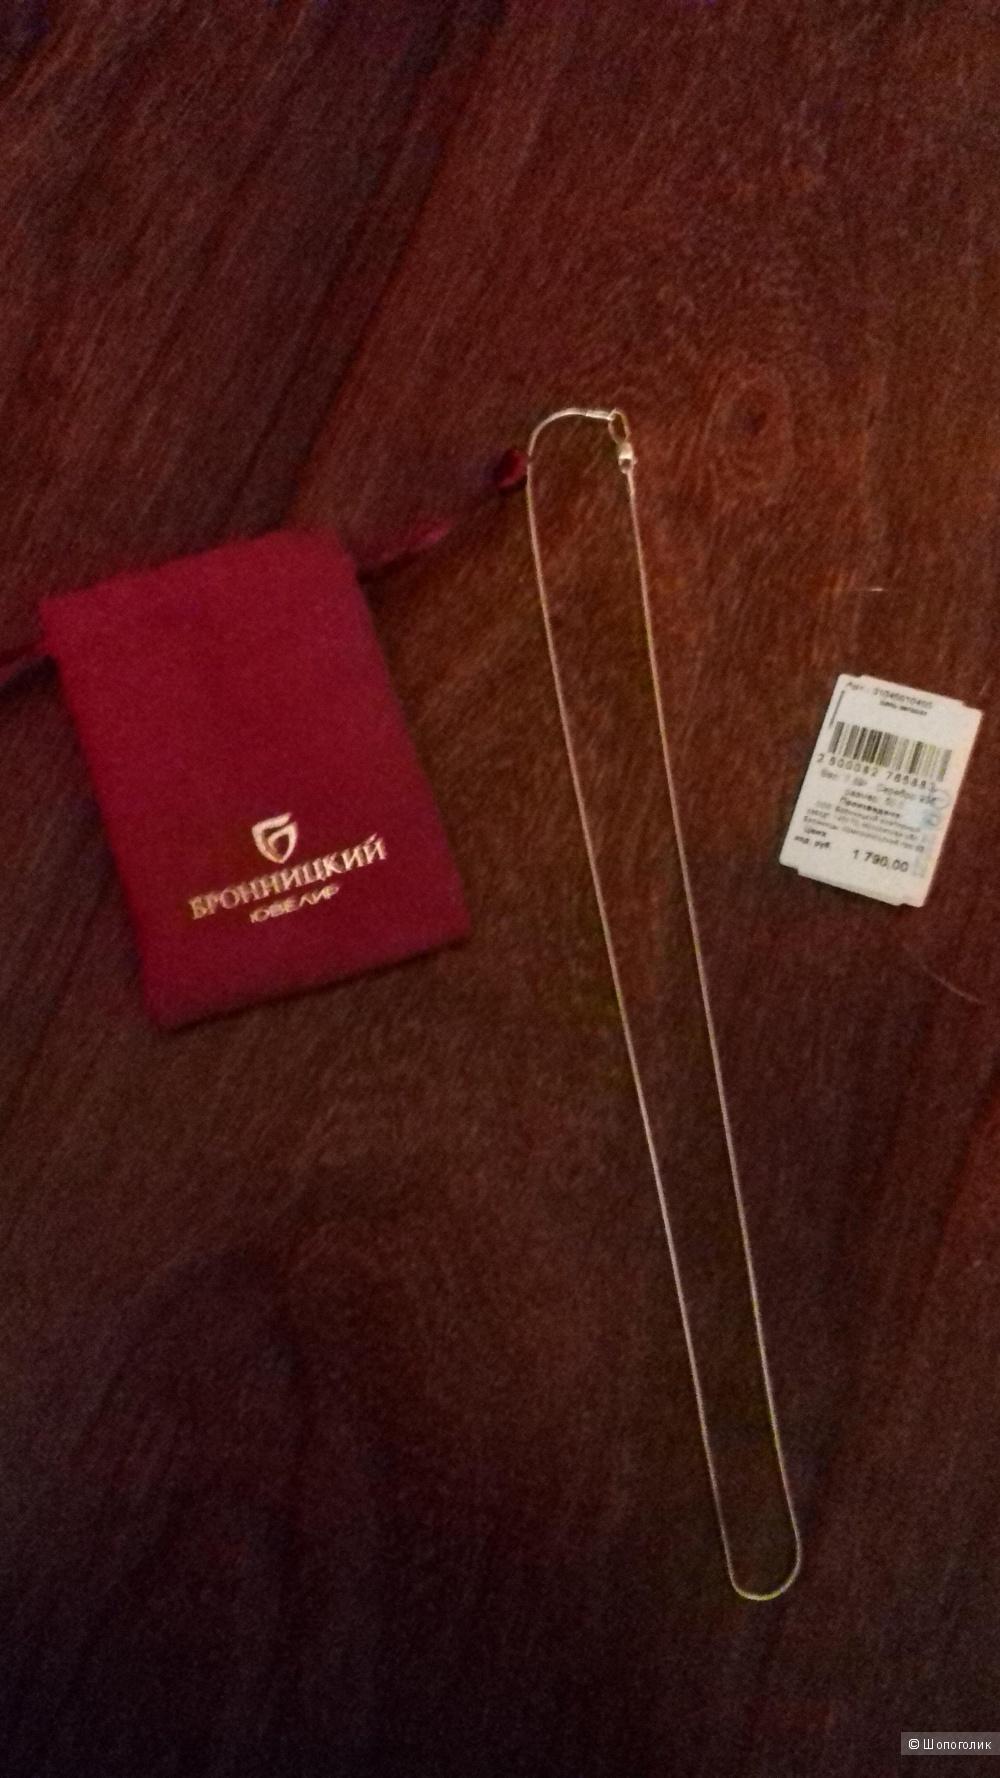 Цепь панцирная родированное серебро 50 см Бронницкий ювелир - новая